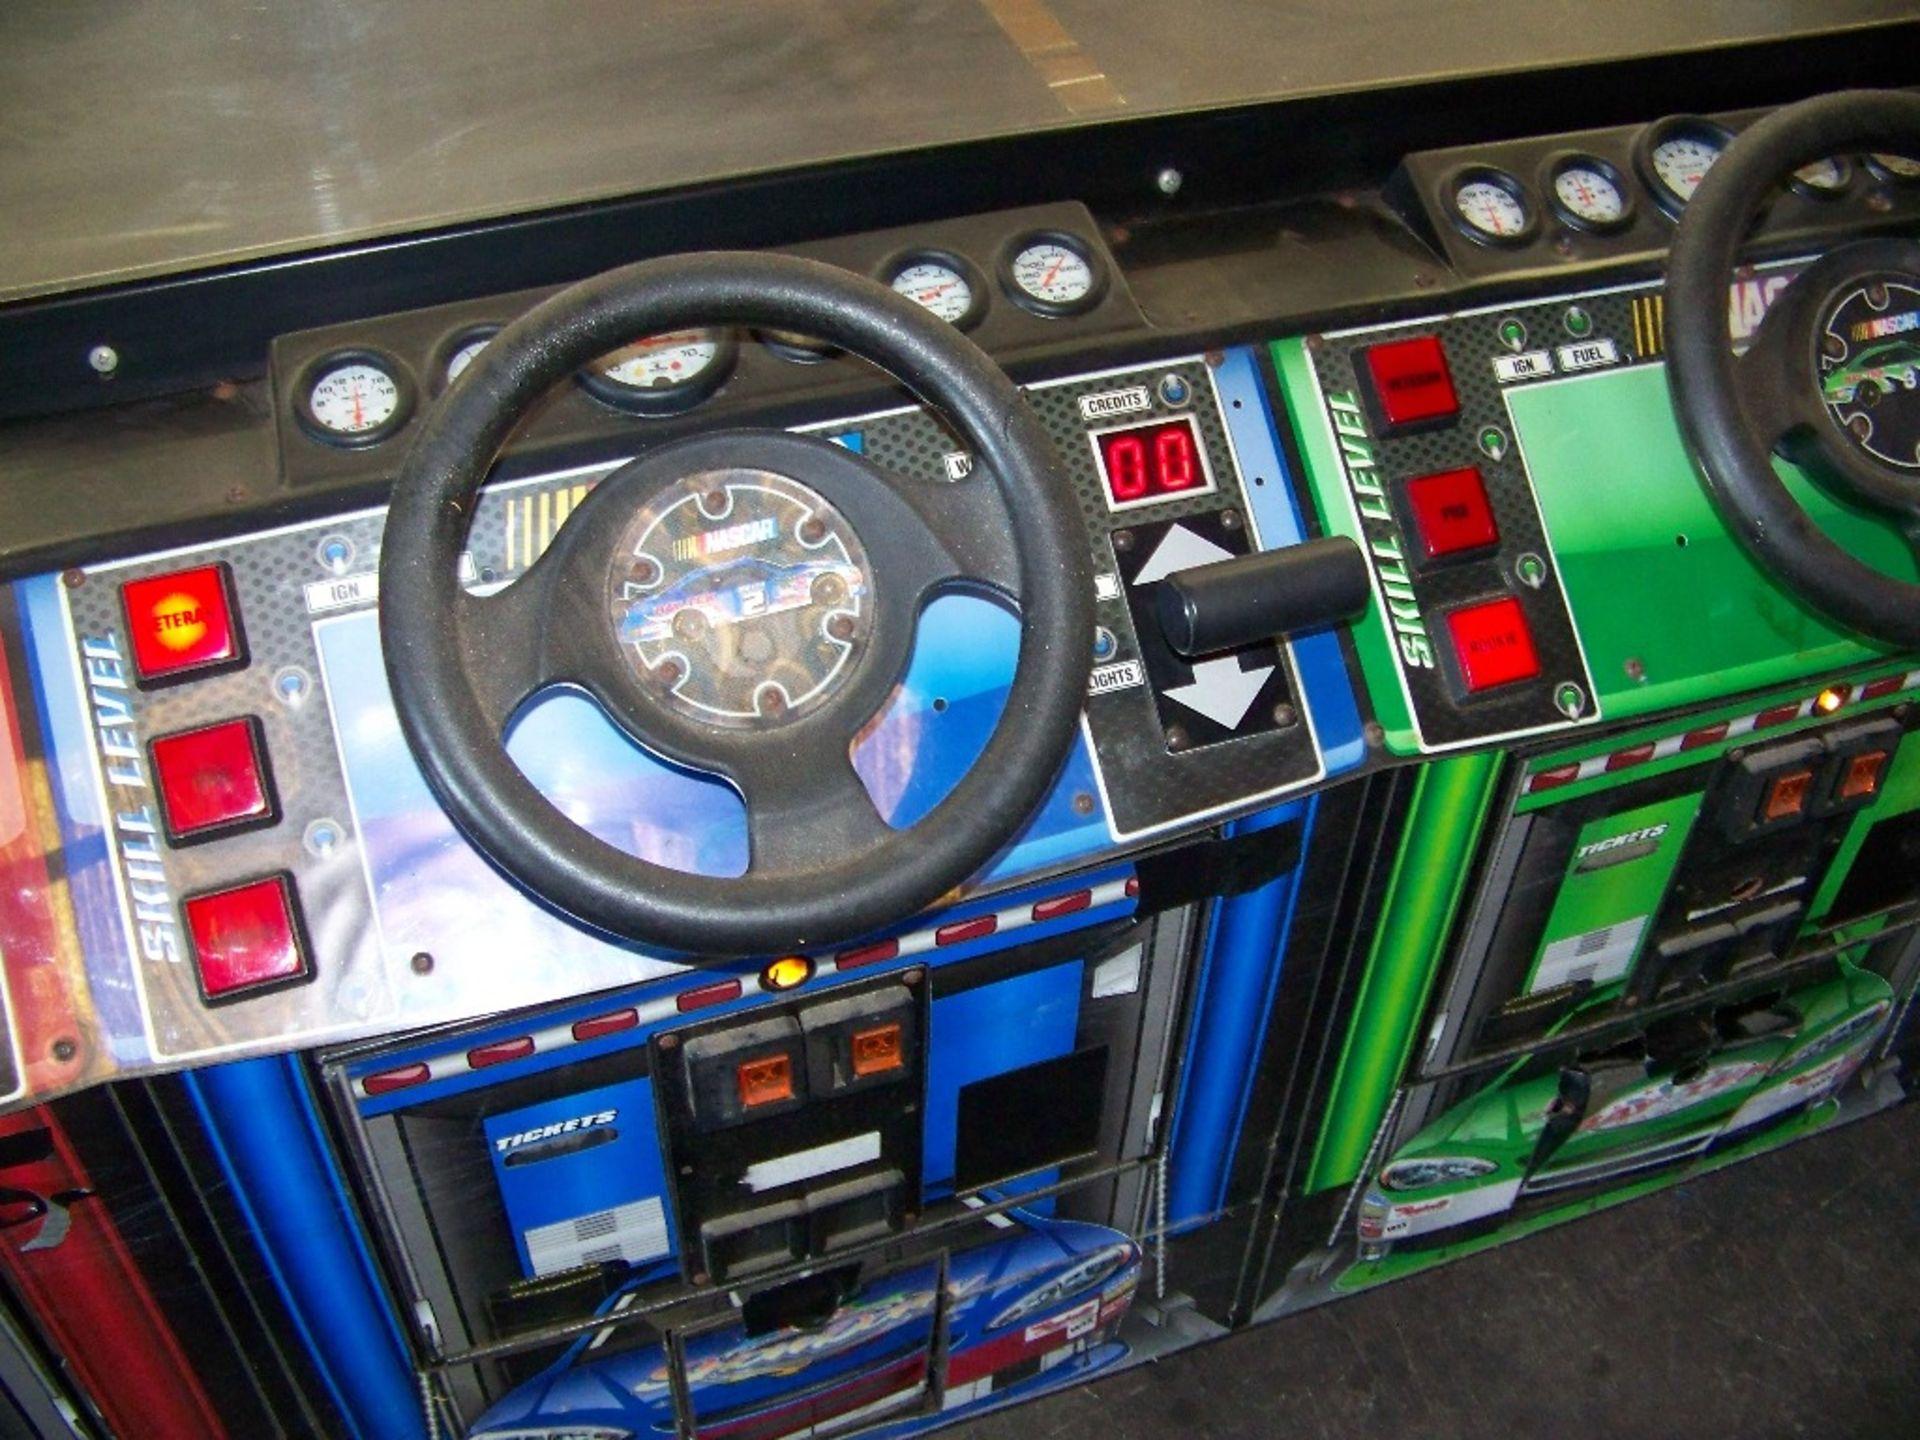 SHOWDOWN 4 PLAYER TICKET REDEMPTION GAME BAYTEK - Image 10 of 12